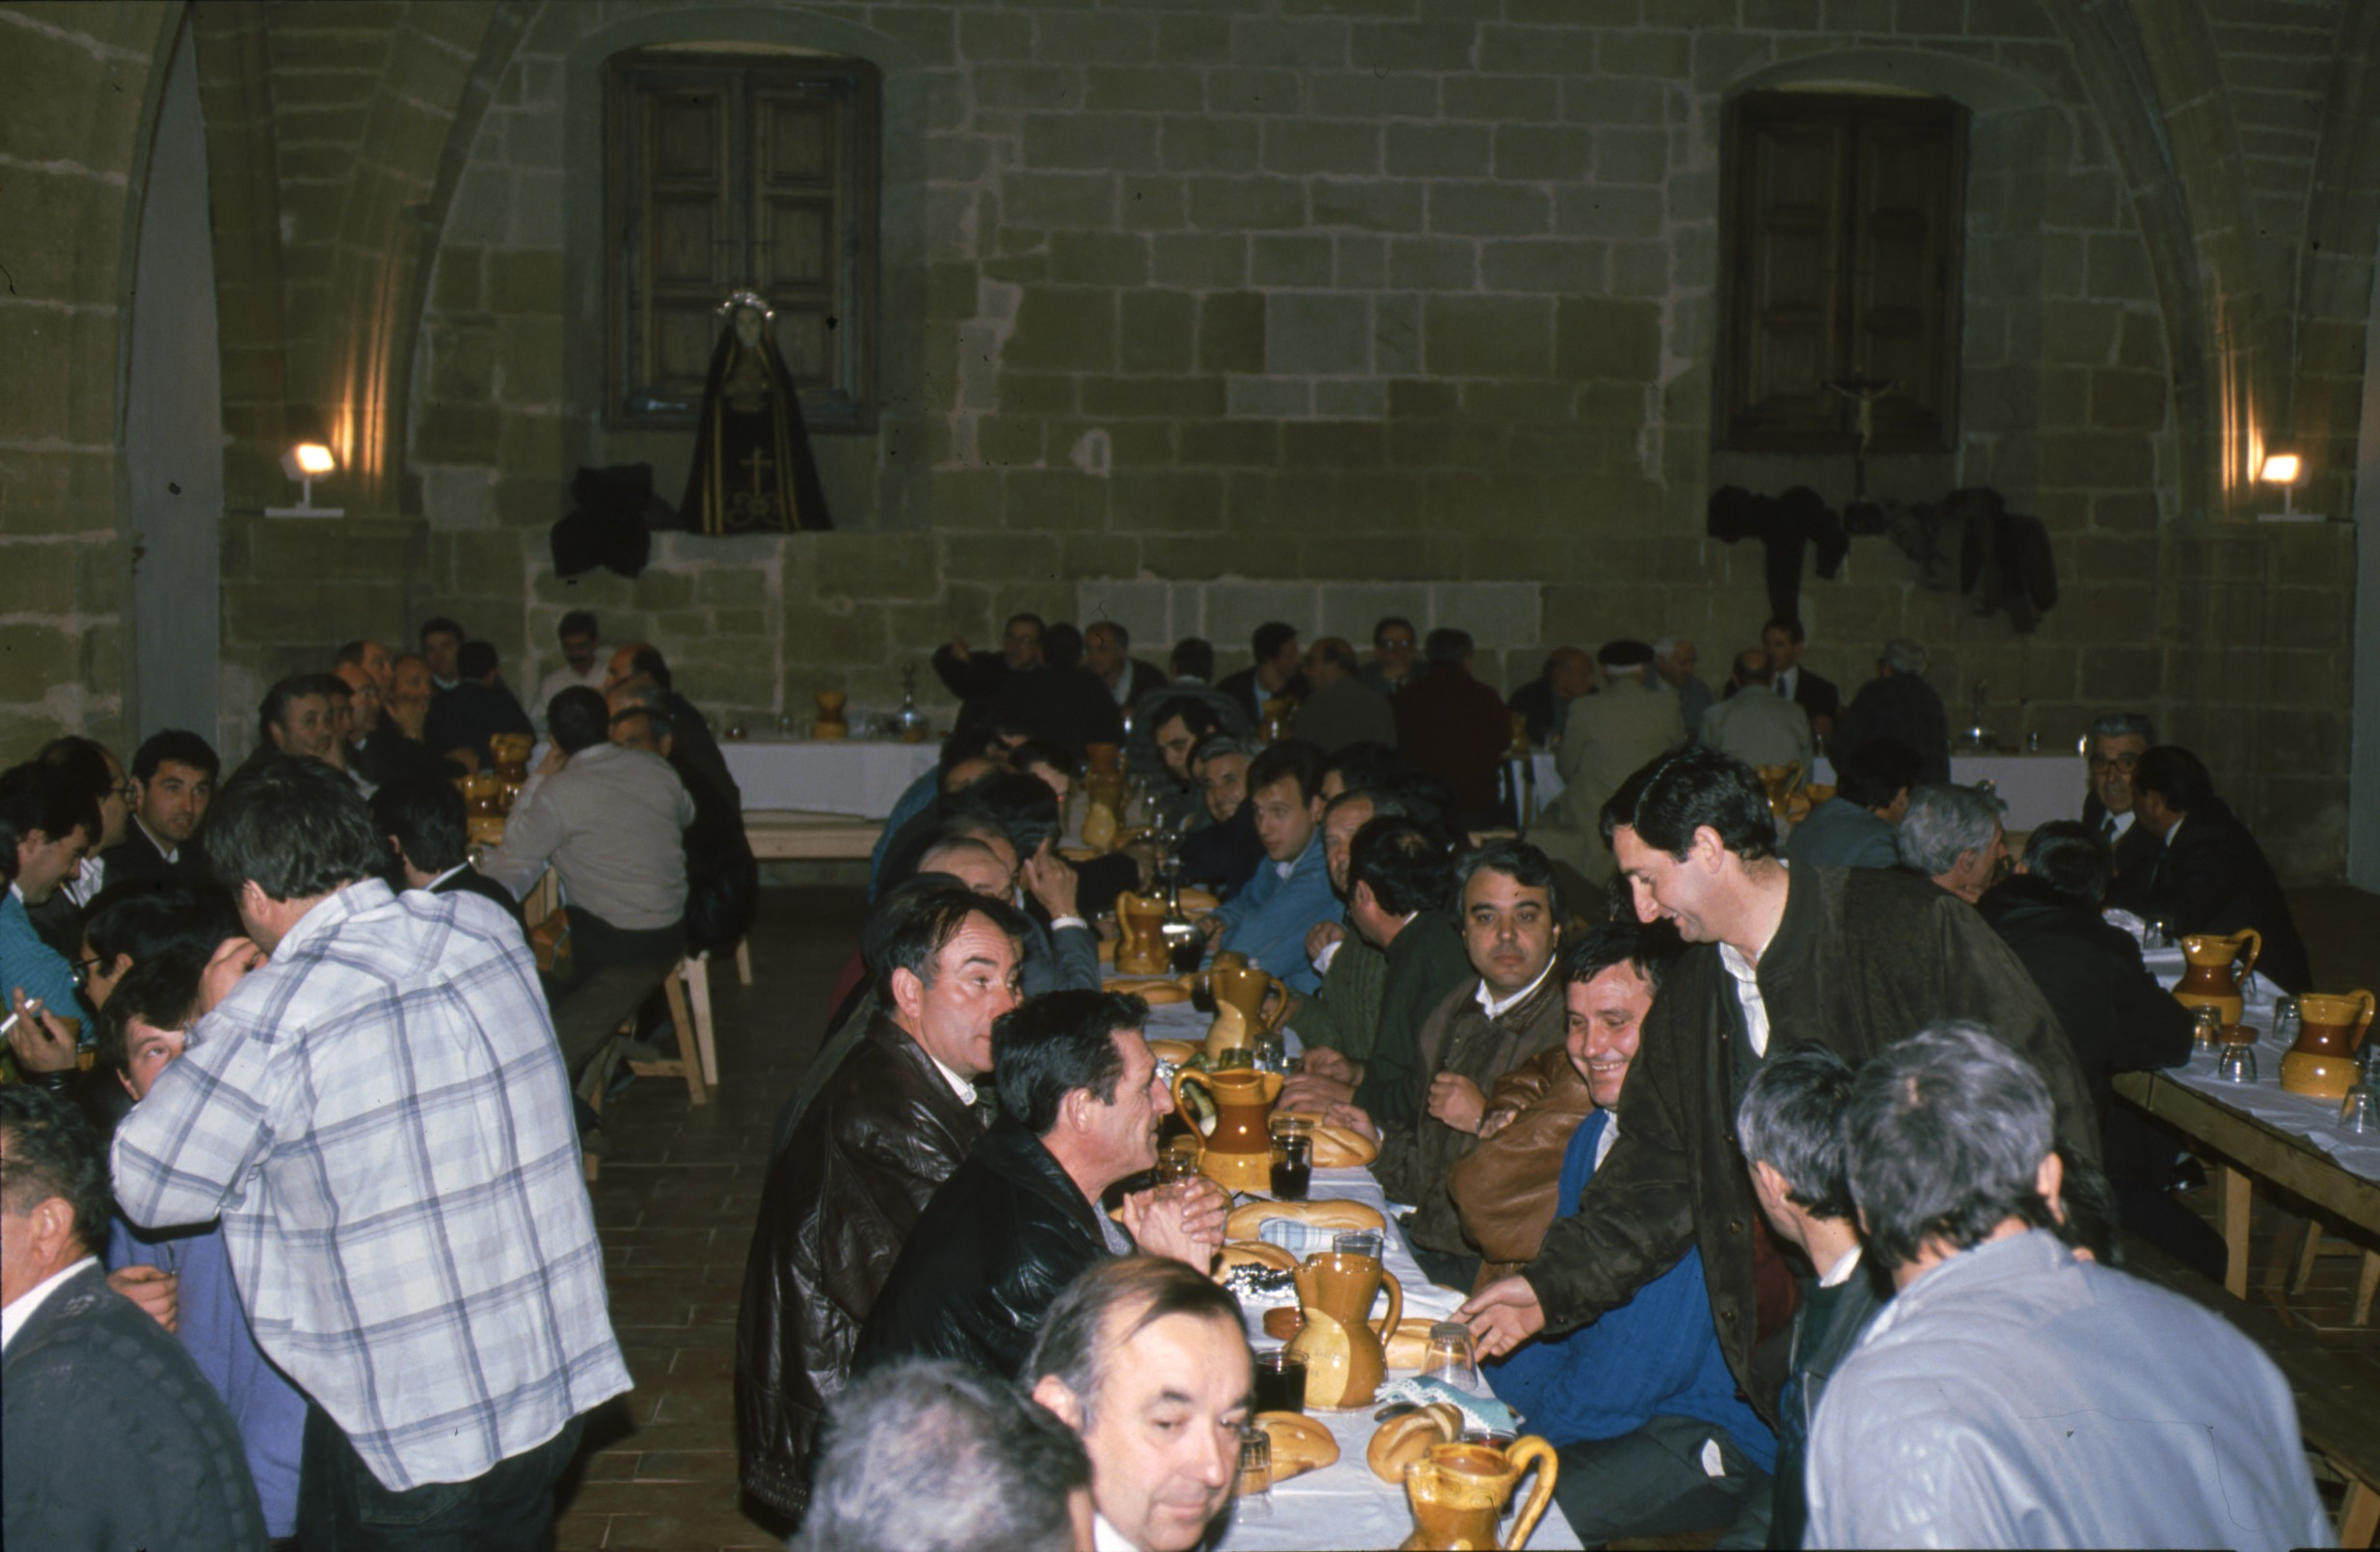 cena_jueves_santo_cofradia_soledad_viana_8.jpg